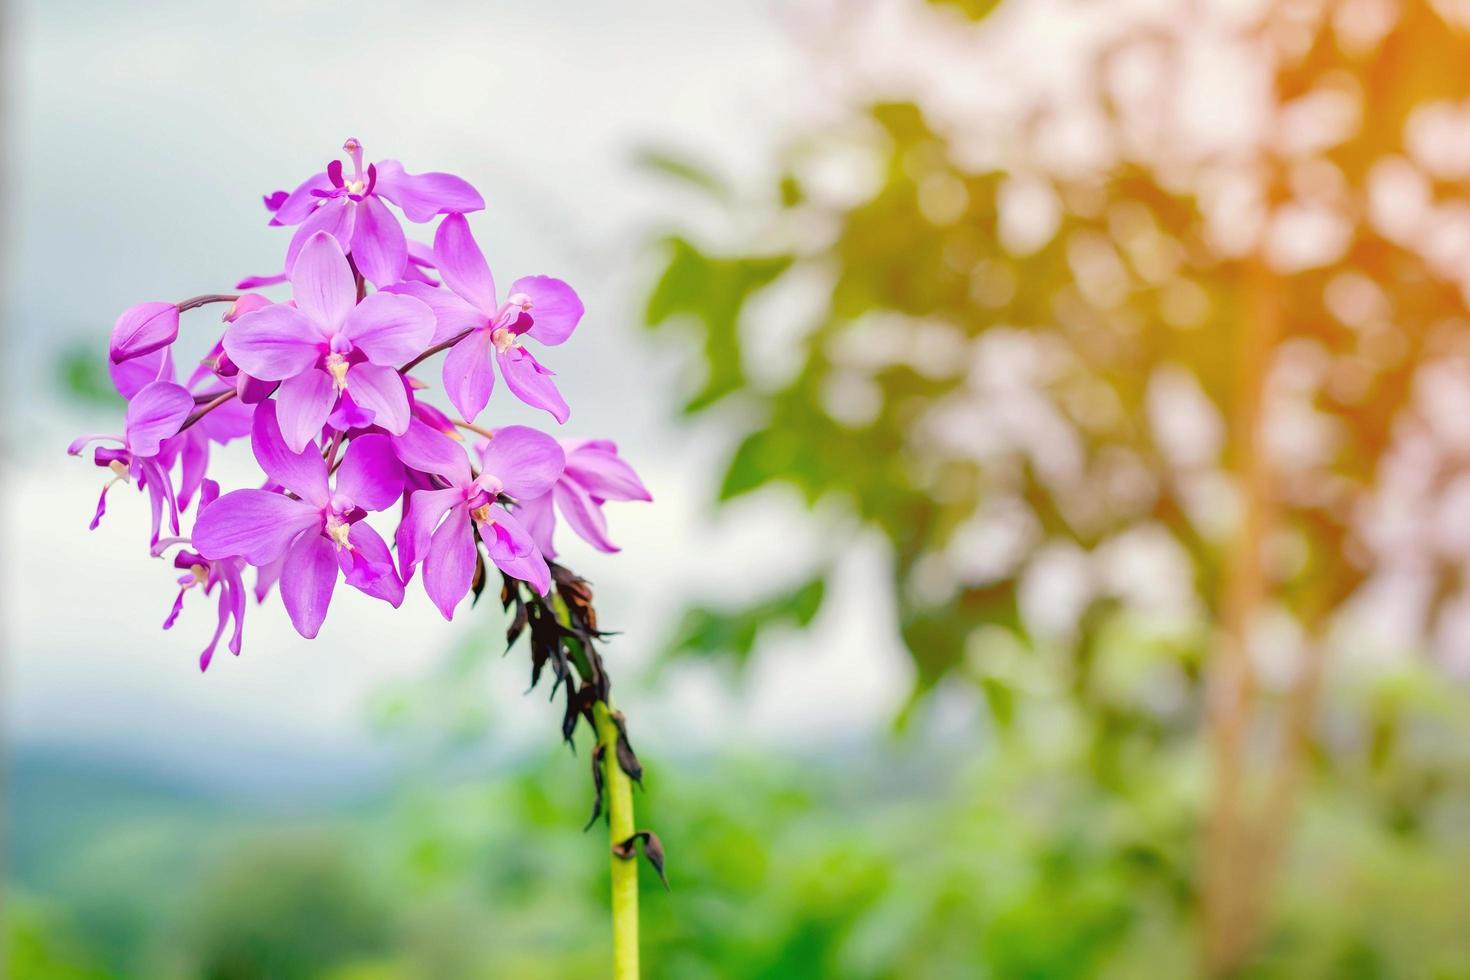 lila blomma i en trädgård foto